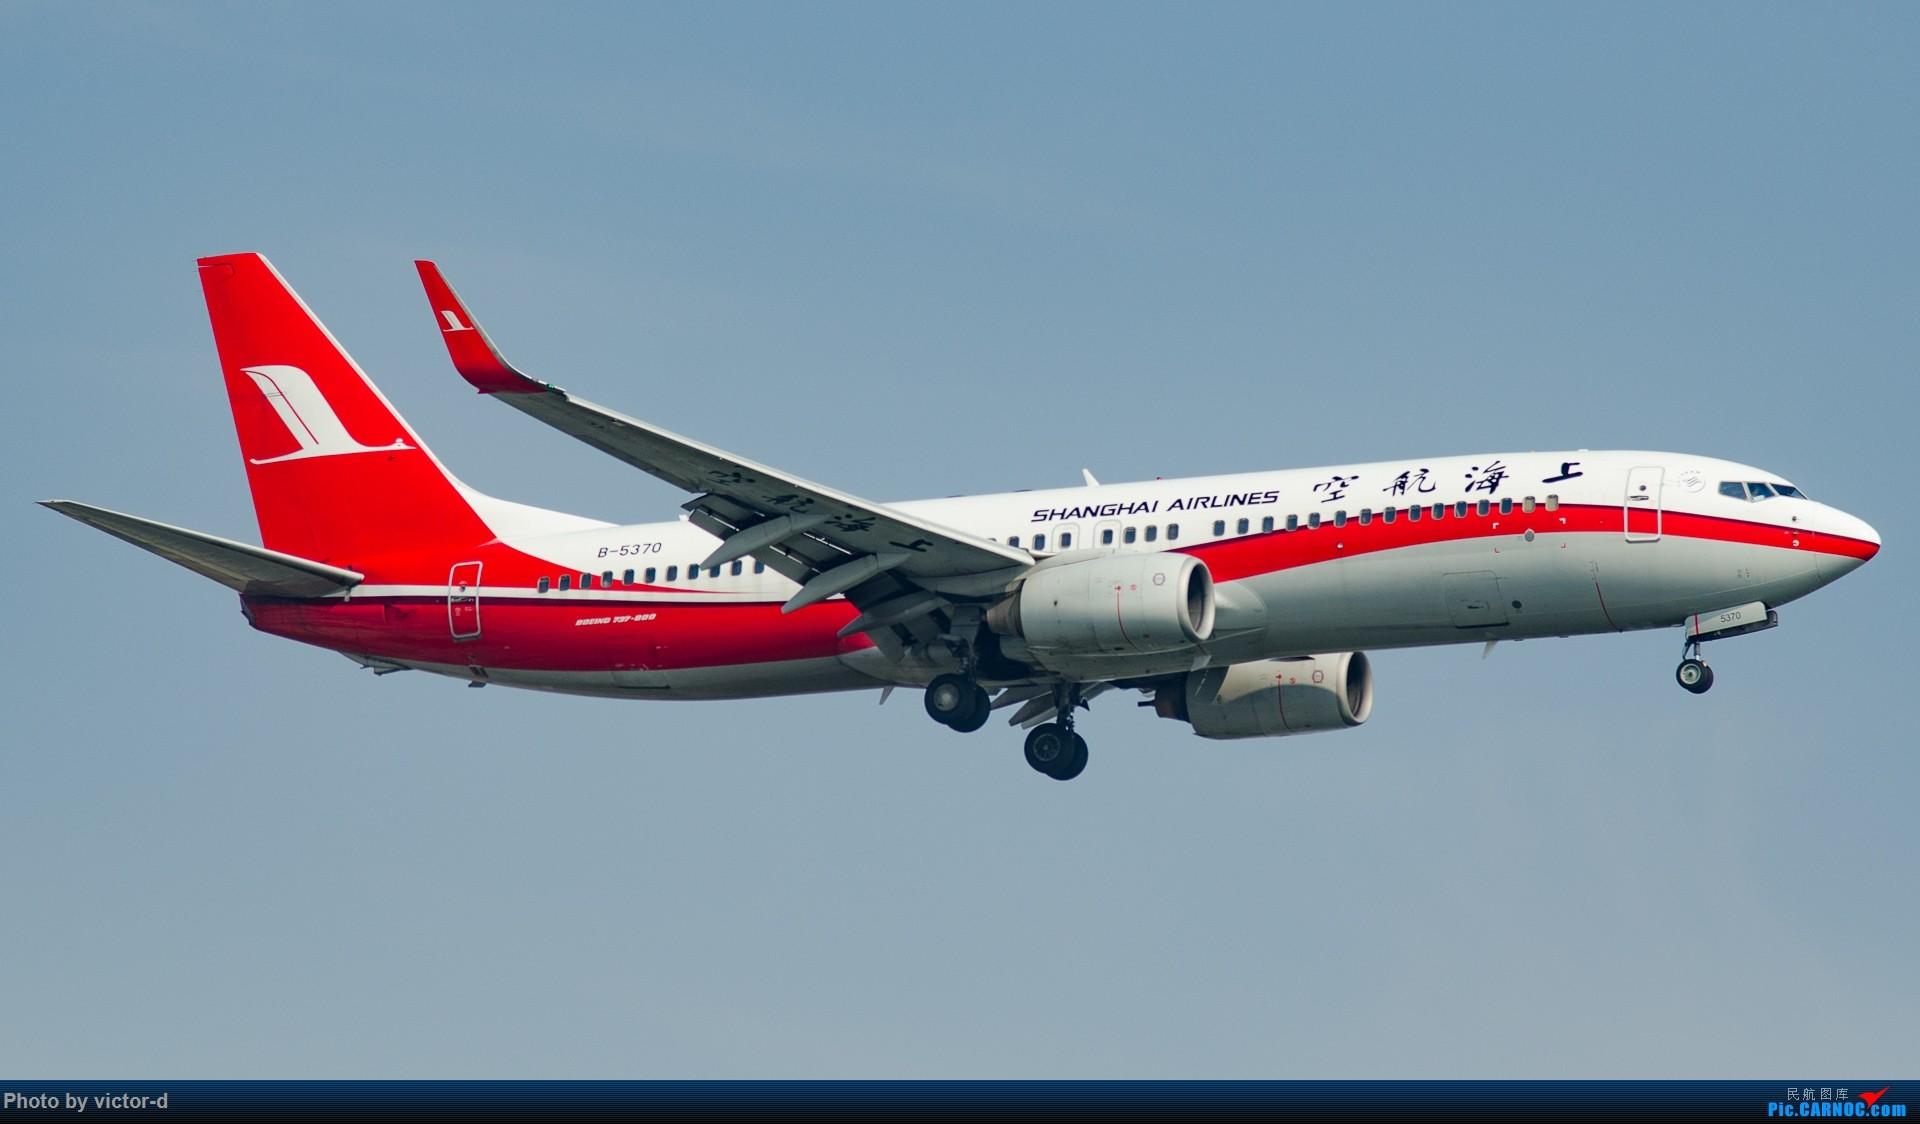 Re:[原创]【上海飞友会】拍机记录帖-记录这些年拍到的飞机-不定期更新 BOEING 737-800 B-5370 中国上海虹桥国际机场